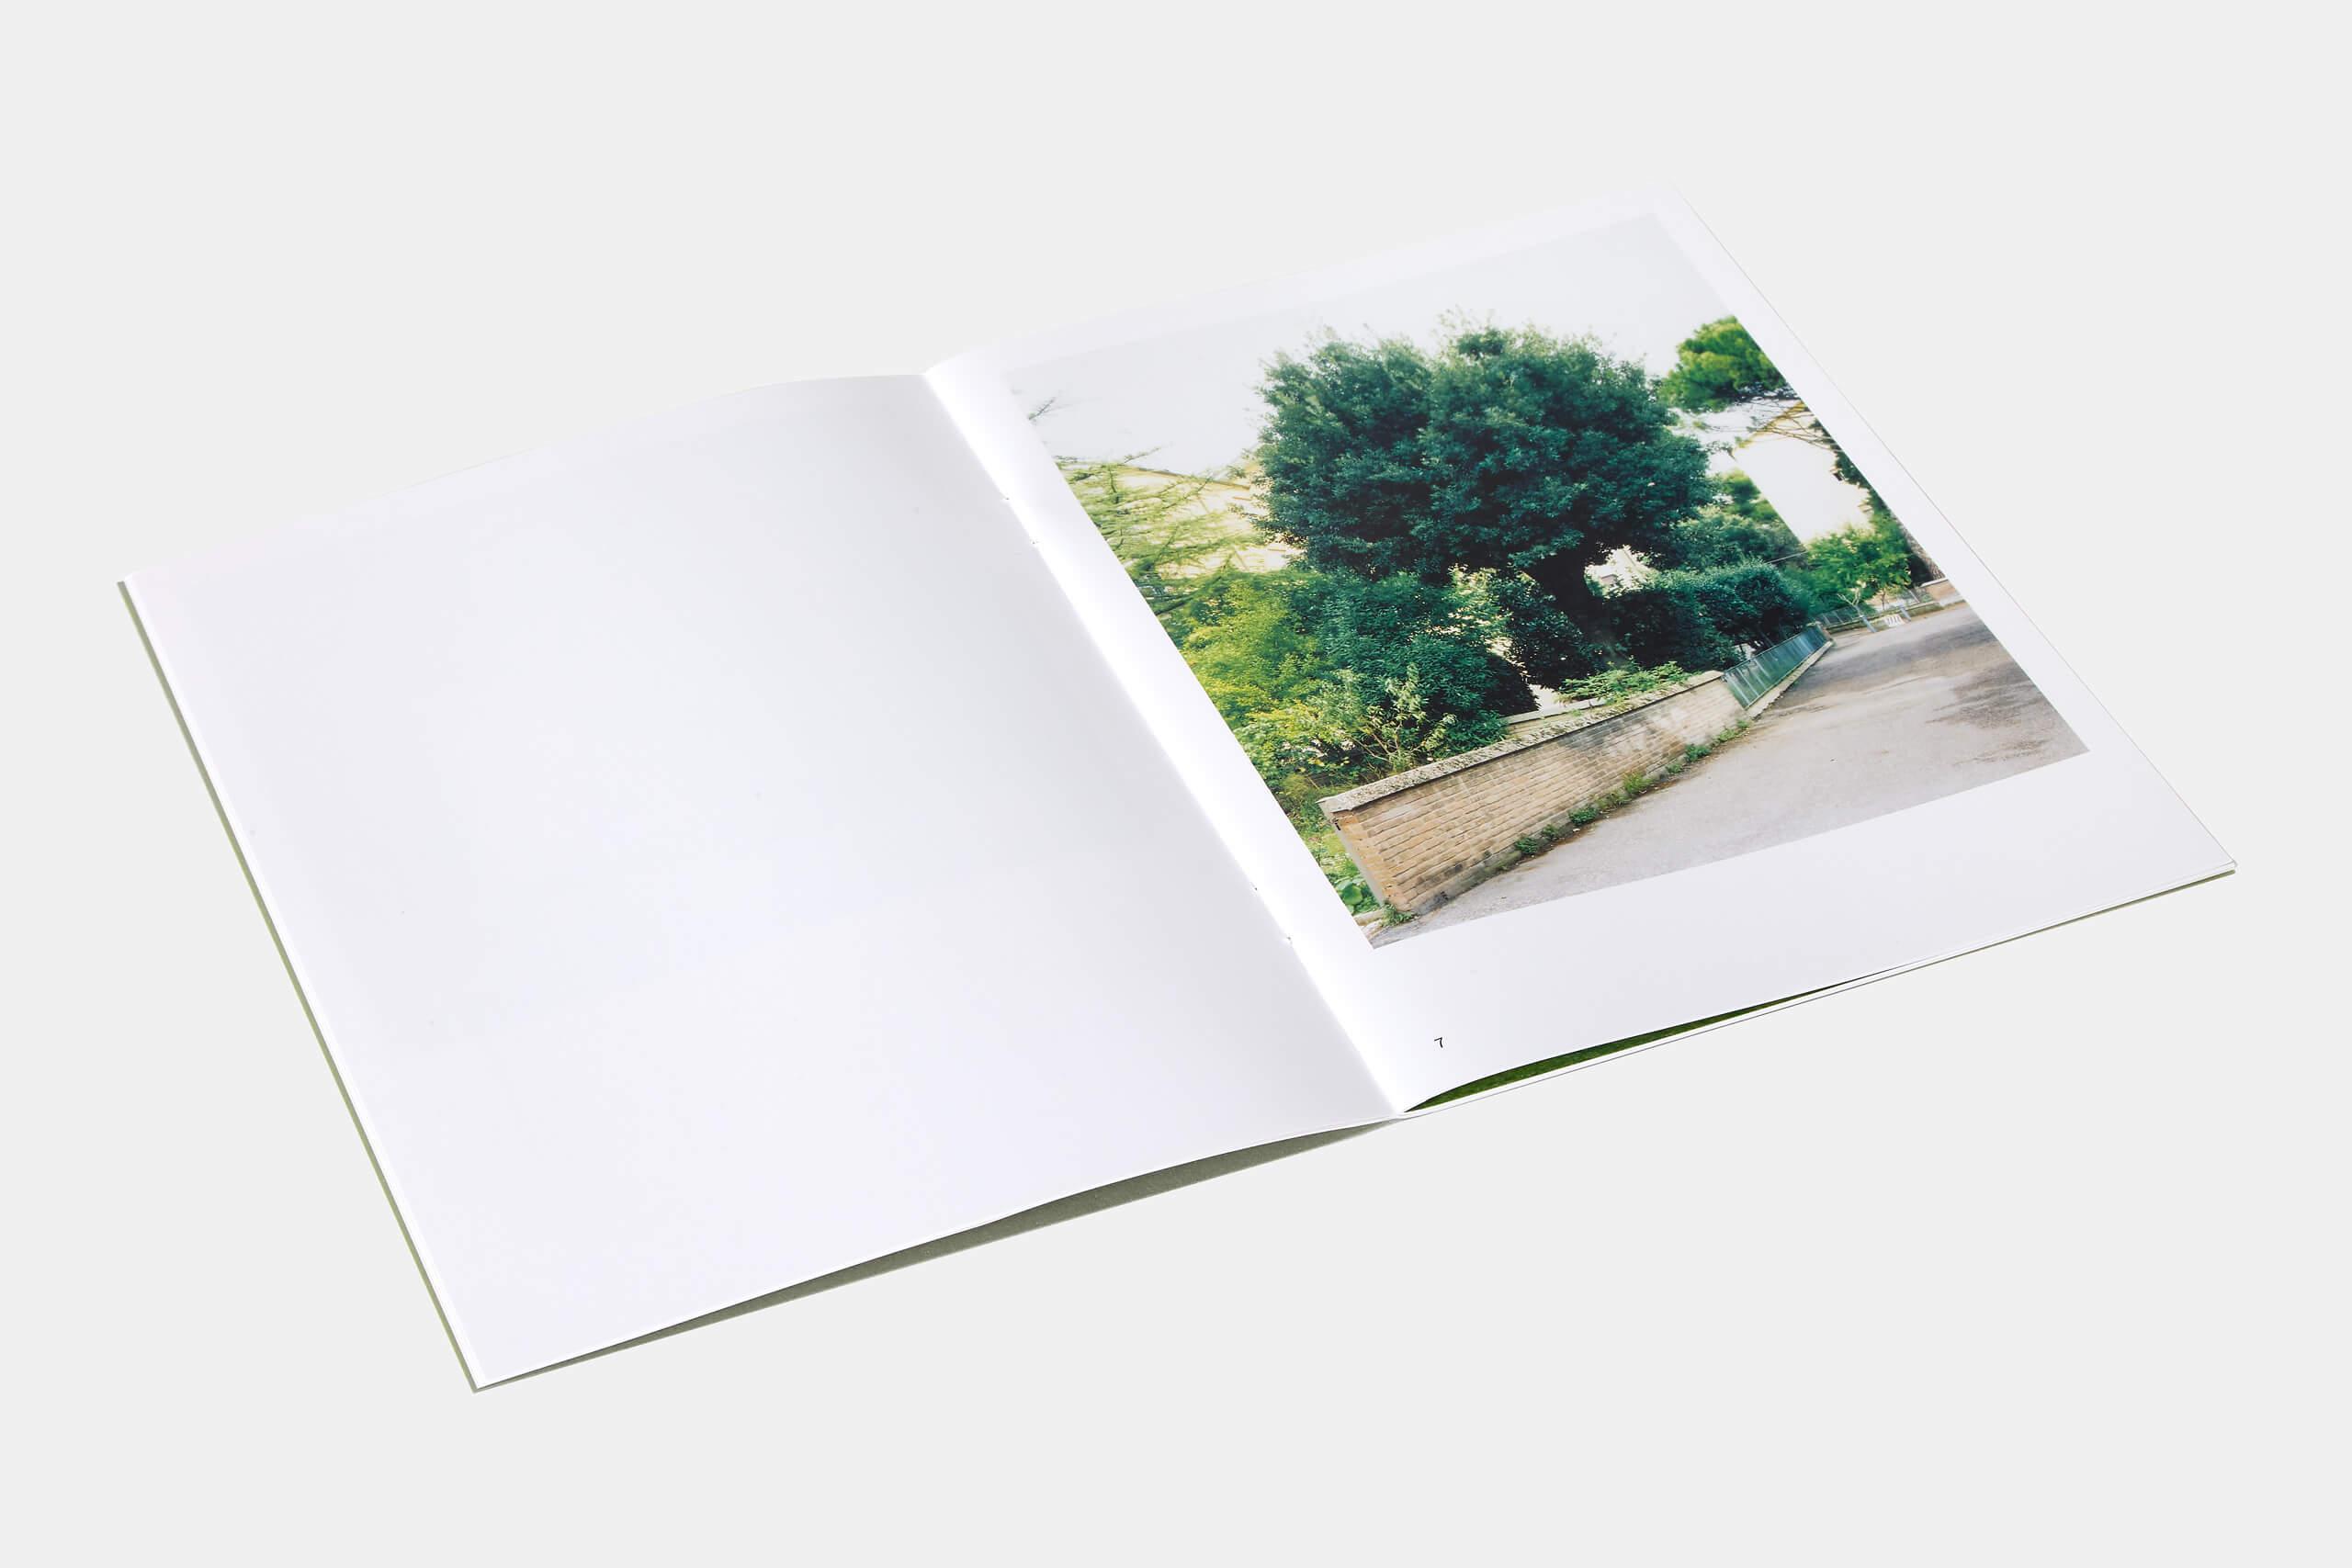 Federico_Covre_Parendo_Alla_Mente_Book_Osservatorio_Fotografico_2014_07